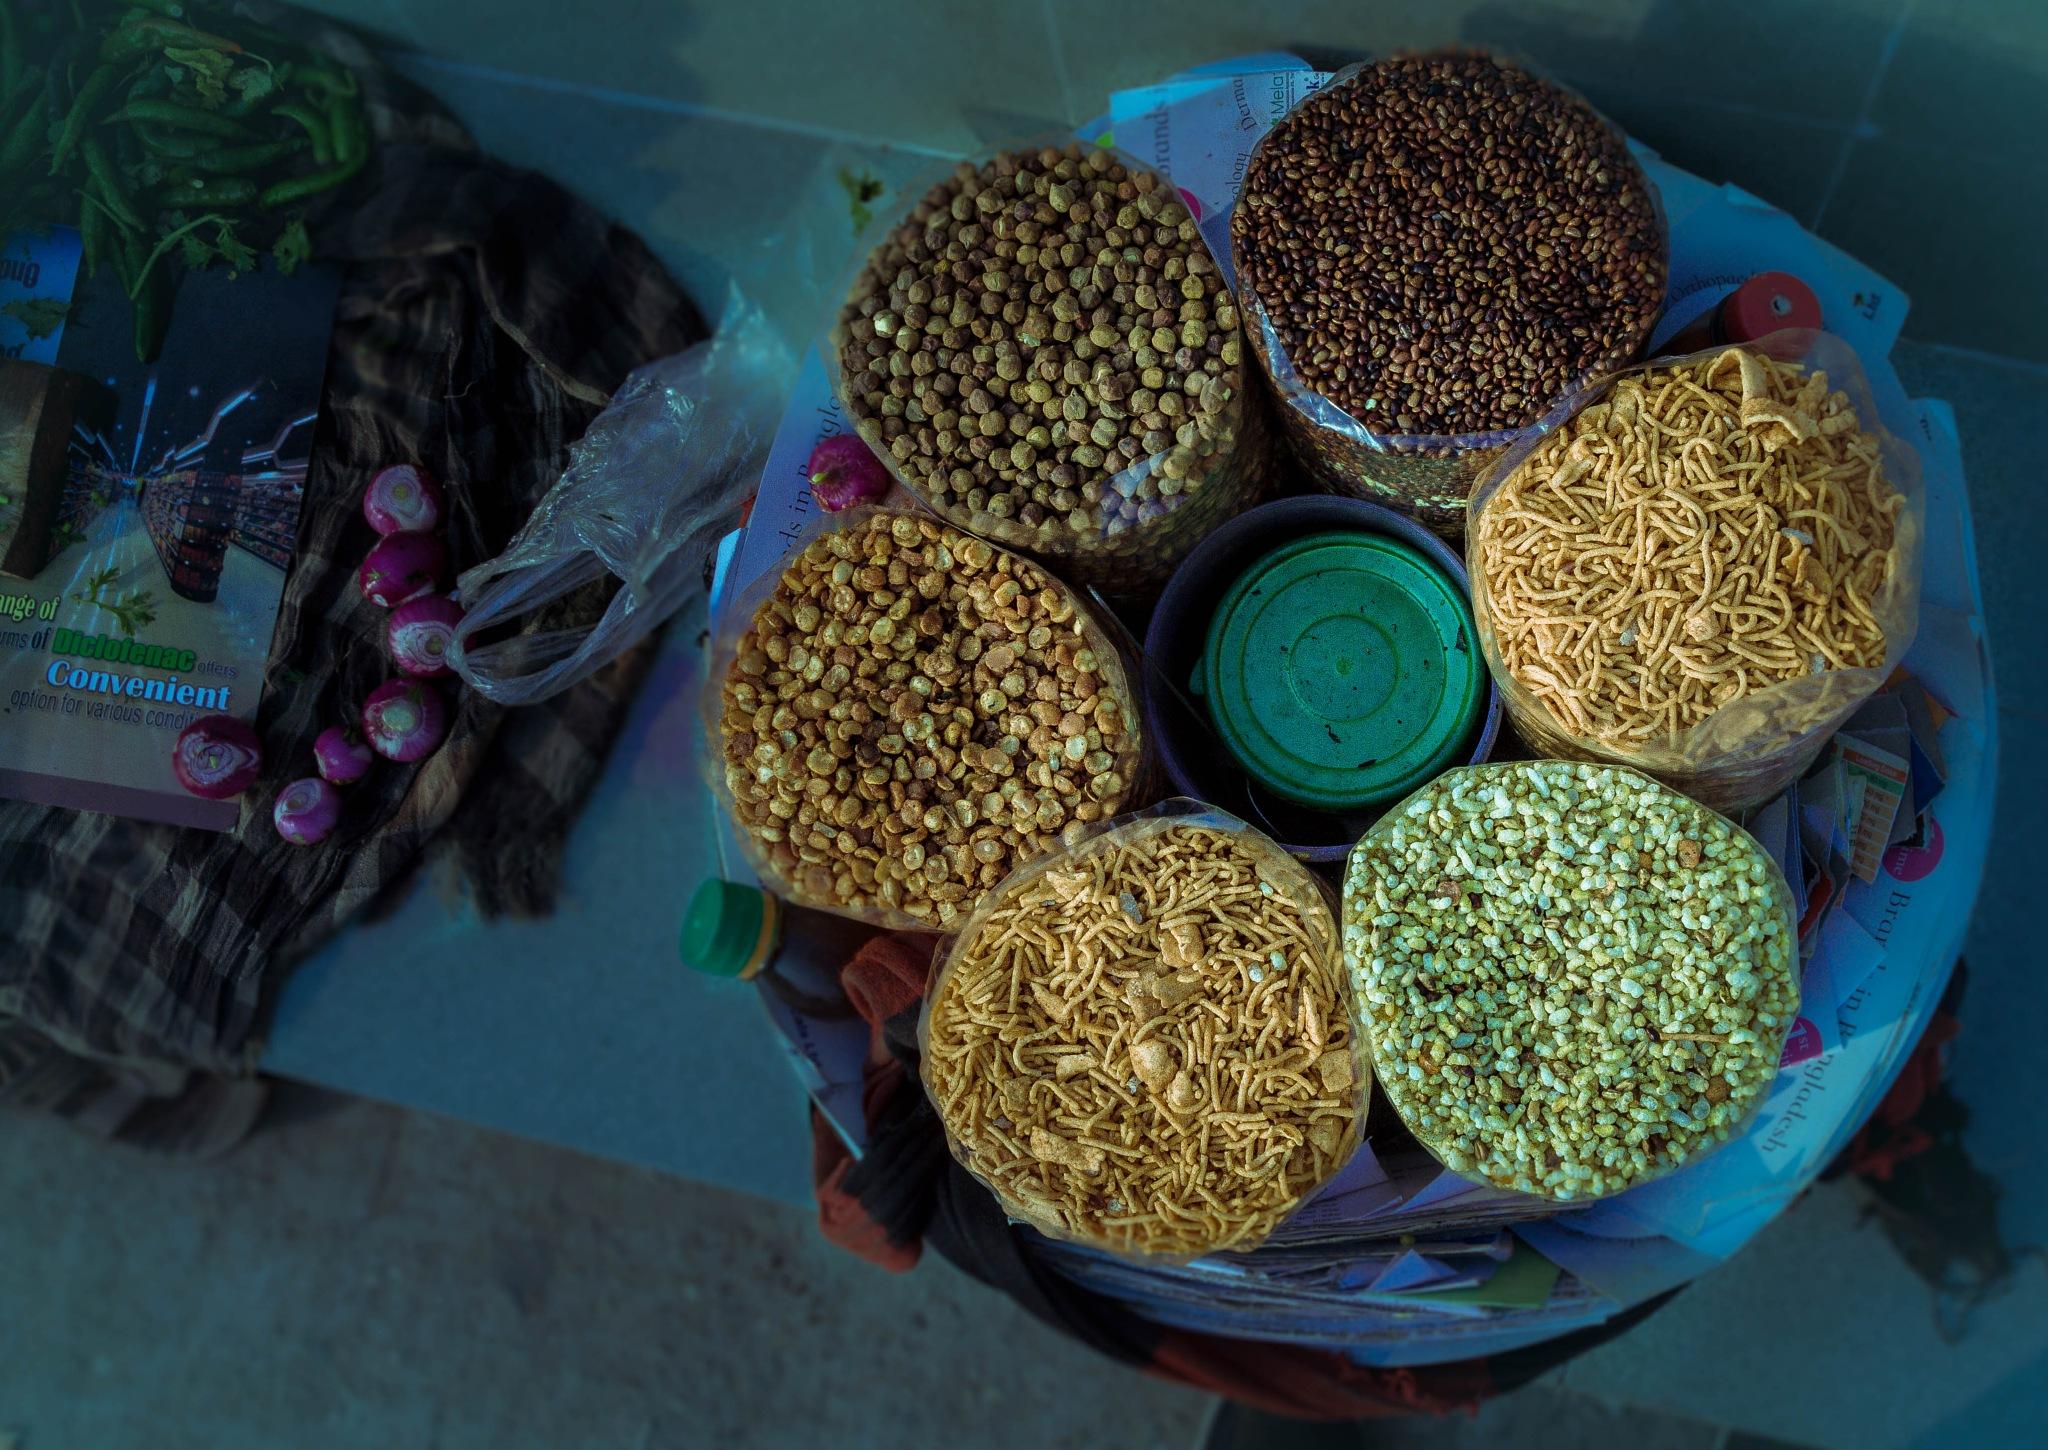 Street Food by Mursadur Rahman Akash